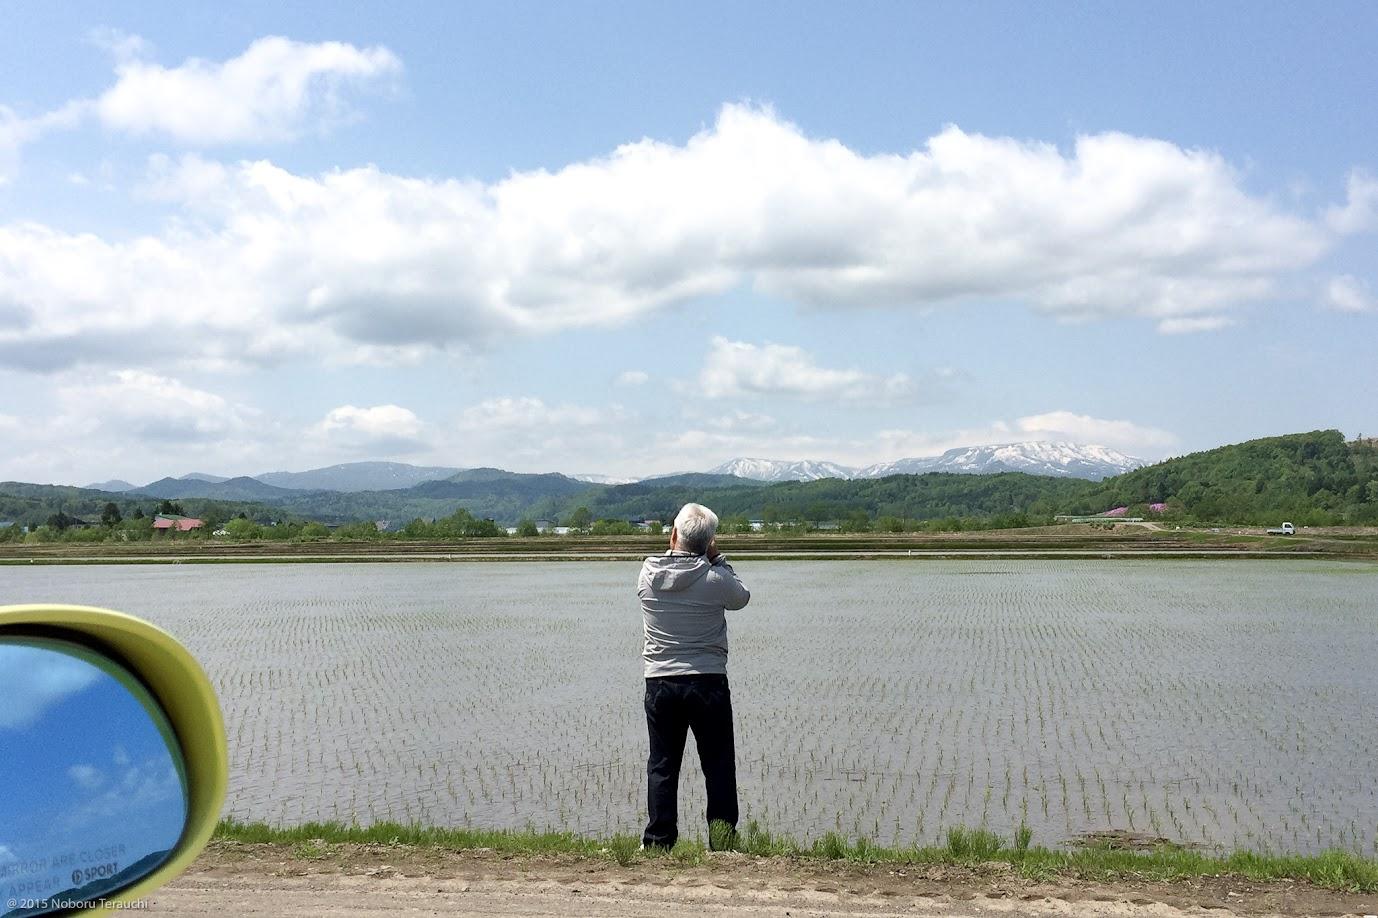 オカン撮影(北竜町の農道にて:2015年5月22日)